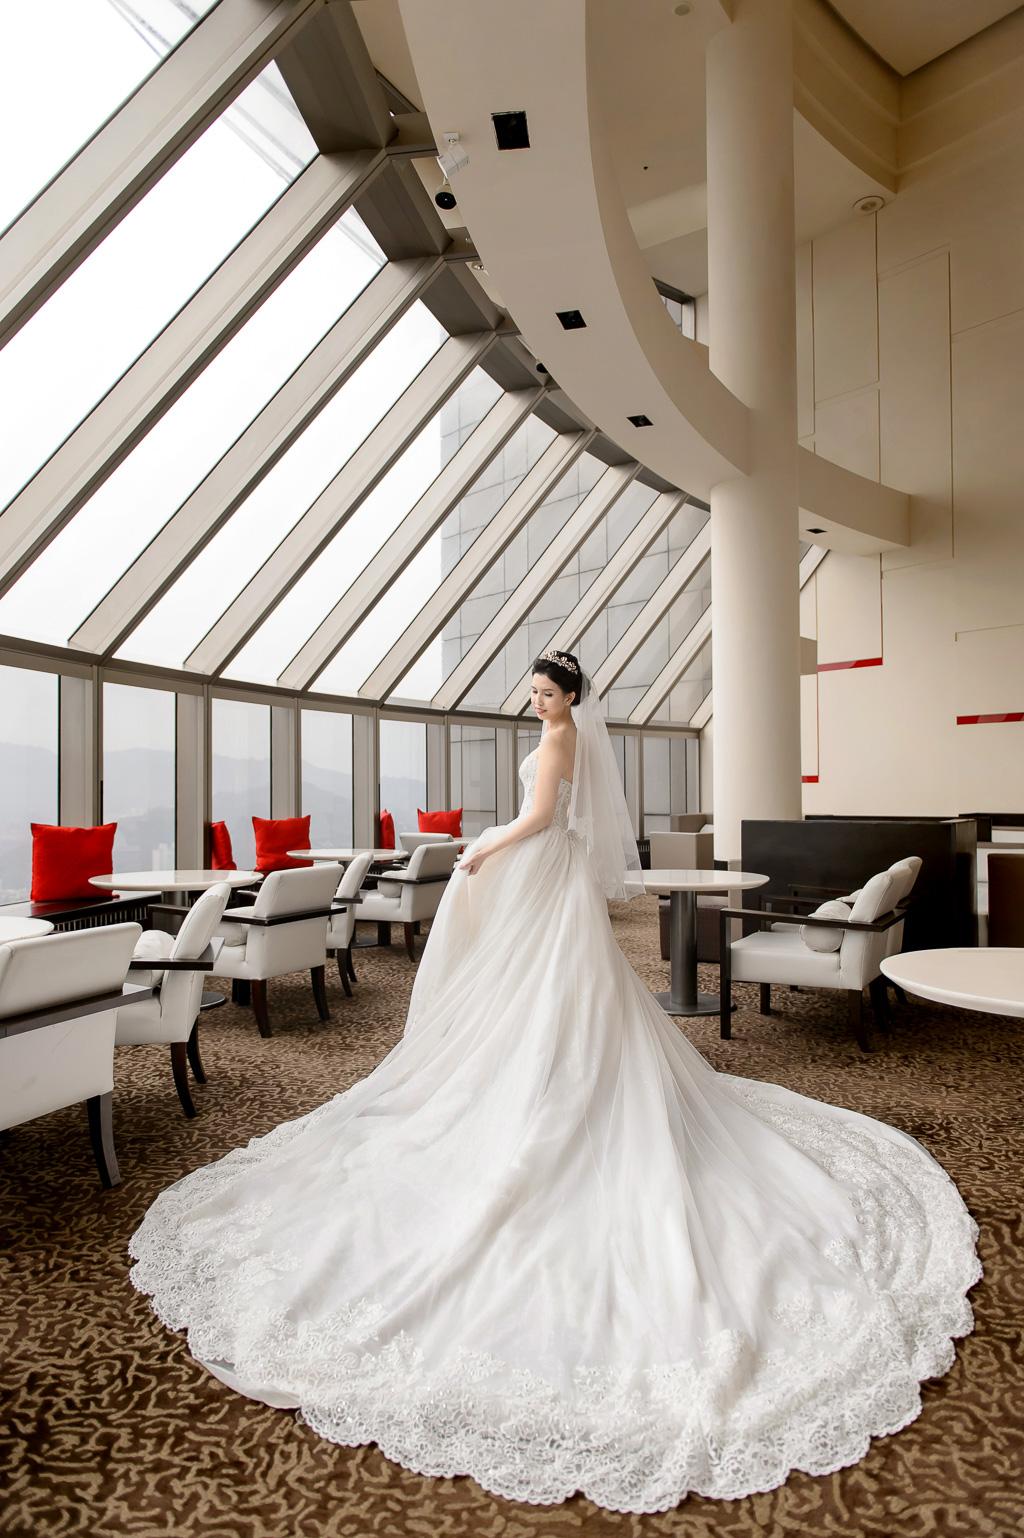 婚攝小勇,小寶團隊, 新娘Cindy, 自助婚紗, 婚禮紀錄, 遠東香格里拉宴客,宴客,台北,wedding day-093-3